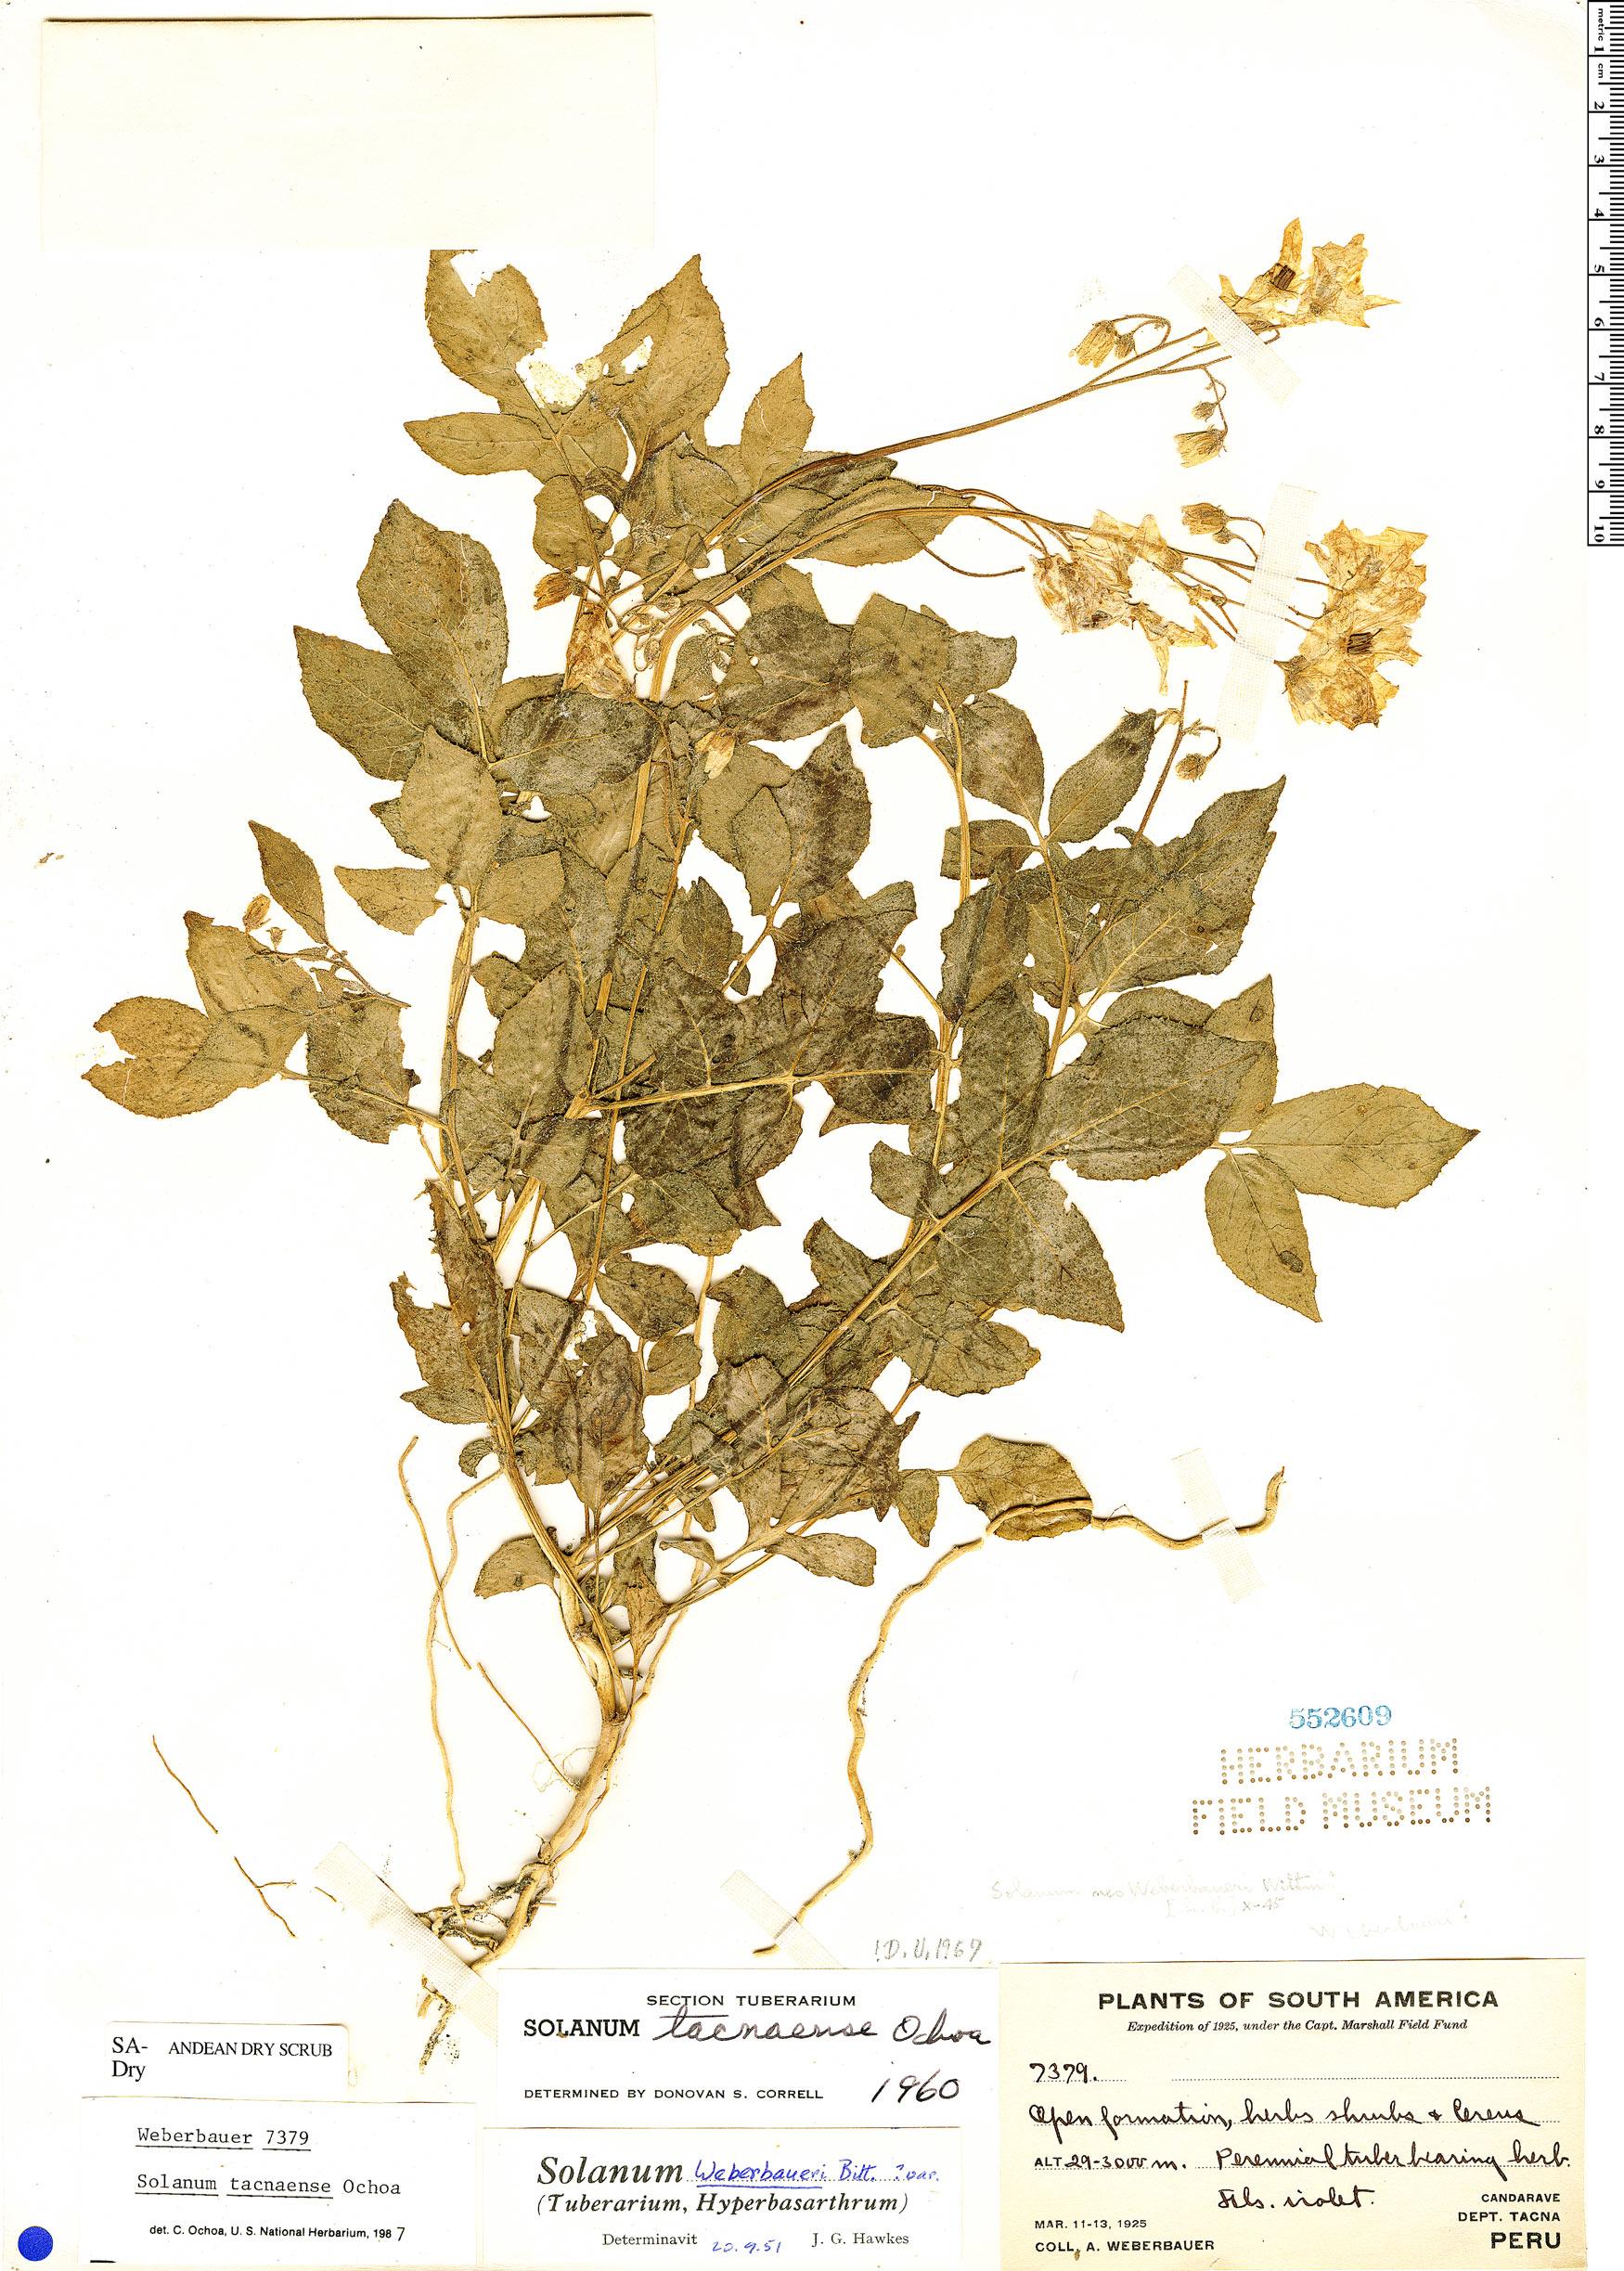 Specimen: Solanum tacnaense